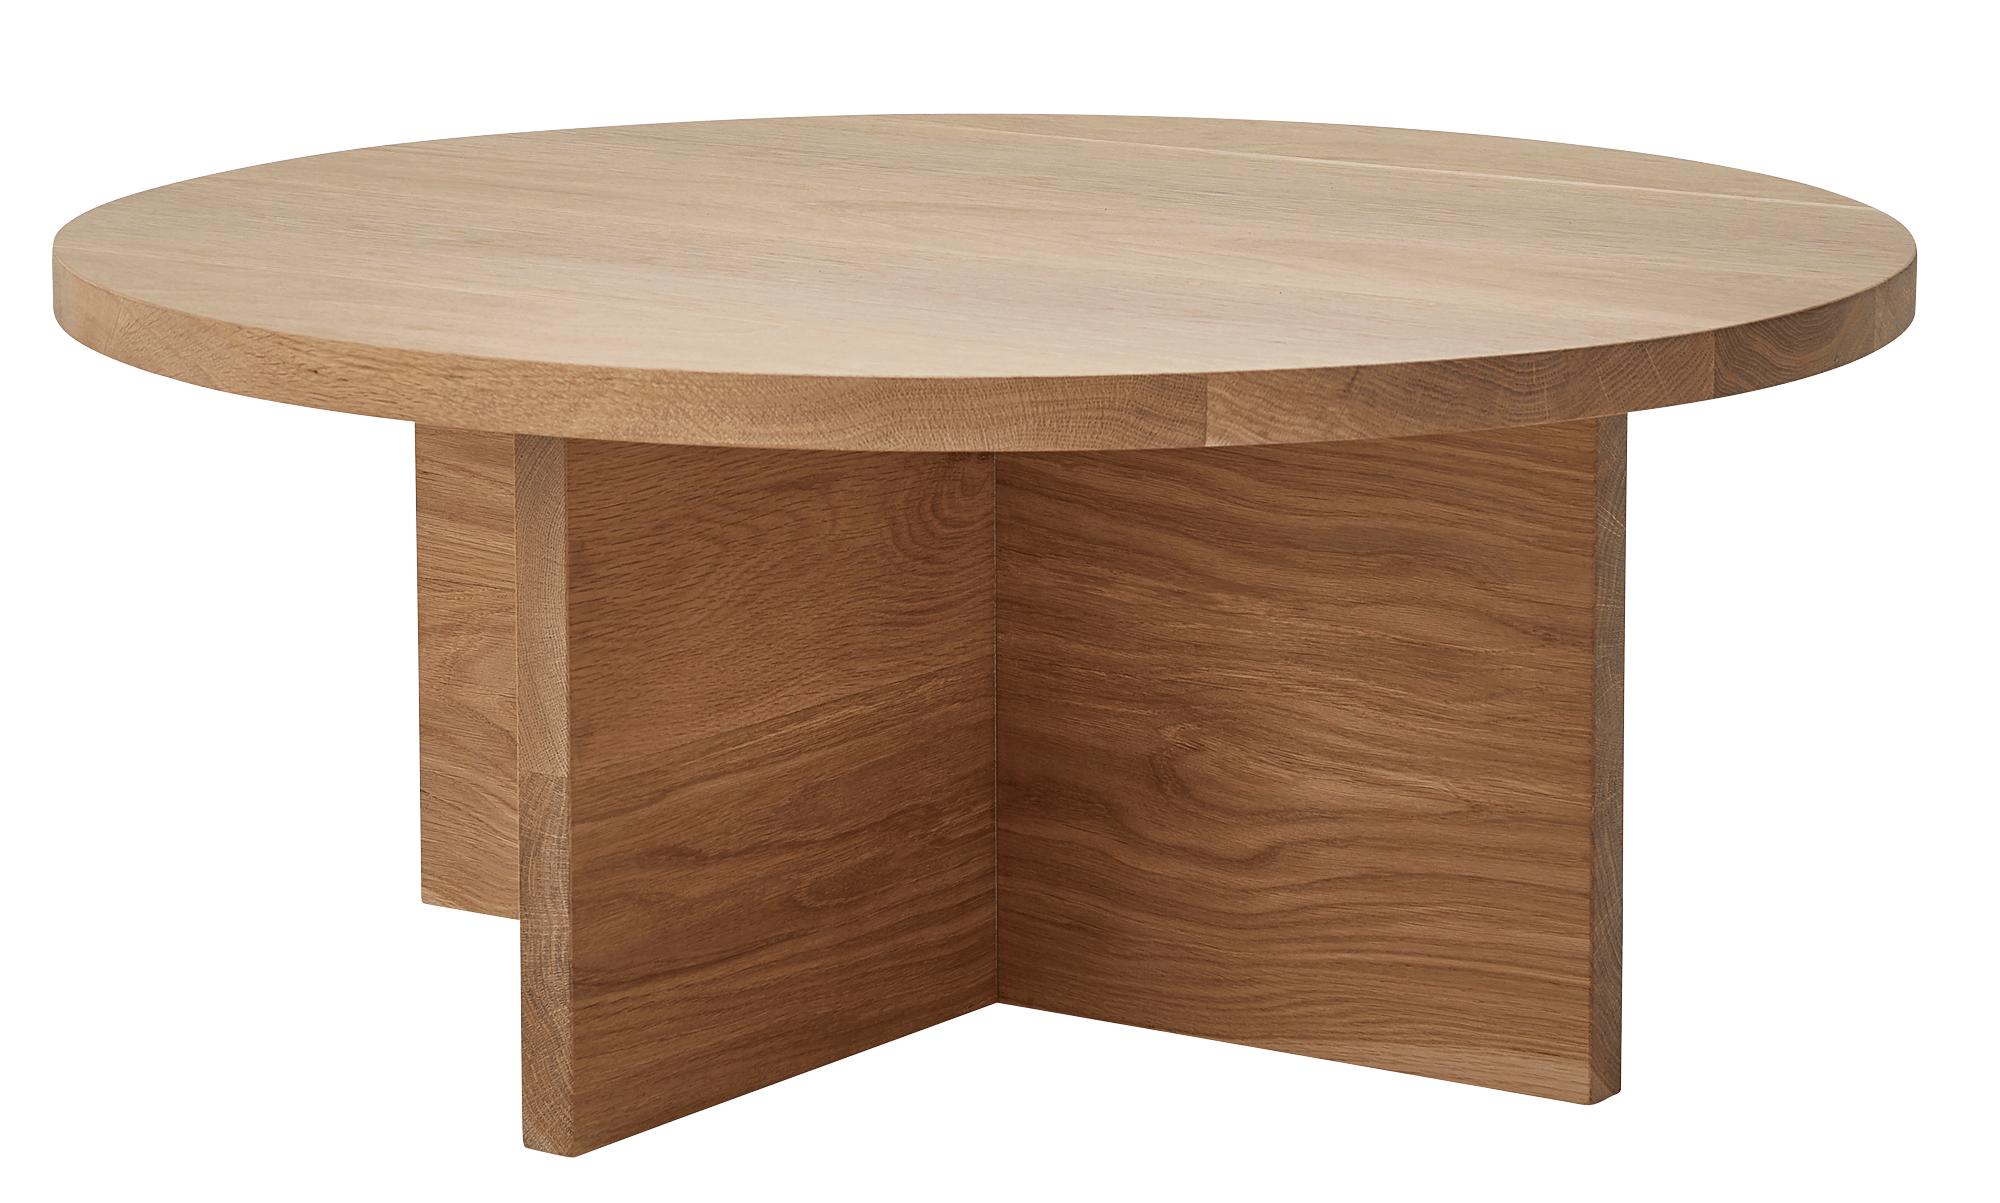 Pin On Furniture [ 1203 x 2000 Pixel ]